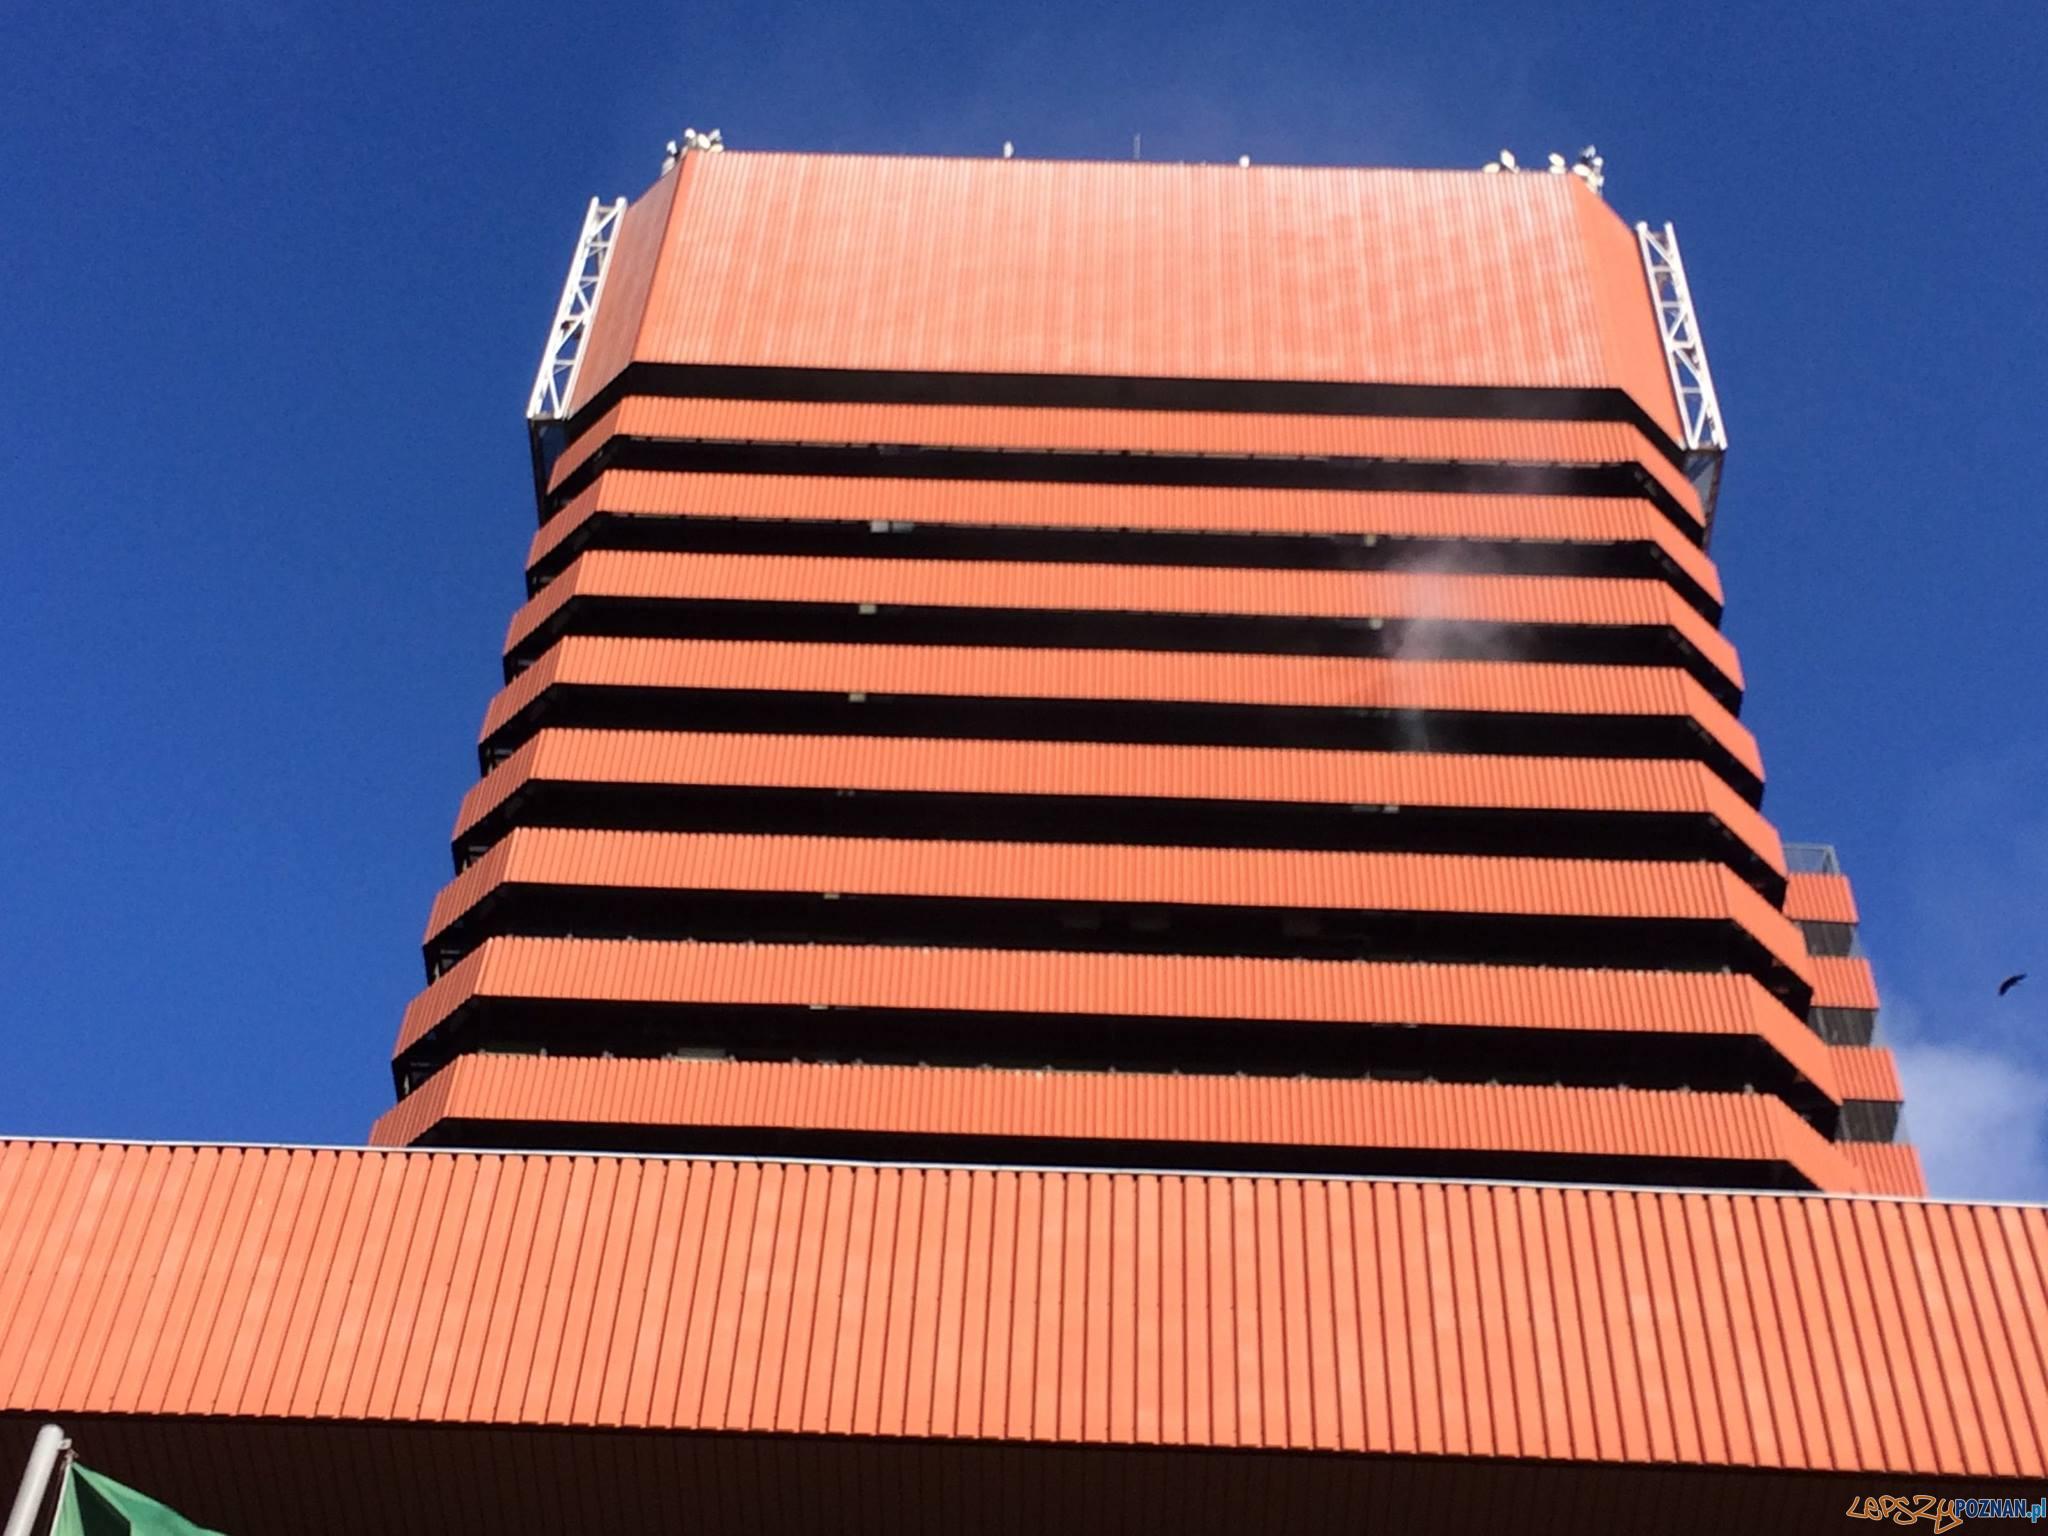 Straż Pożarna - ćwiczenia w Collegium Altum Uniwersytetu Ekonomicznego (2)  Foto: UEP / facebook